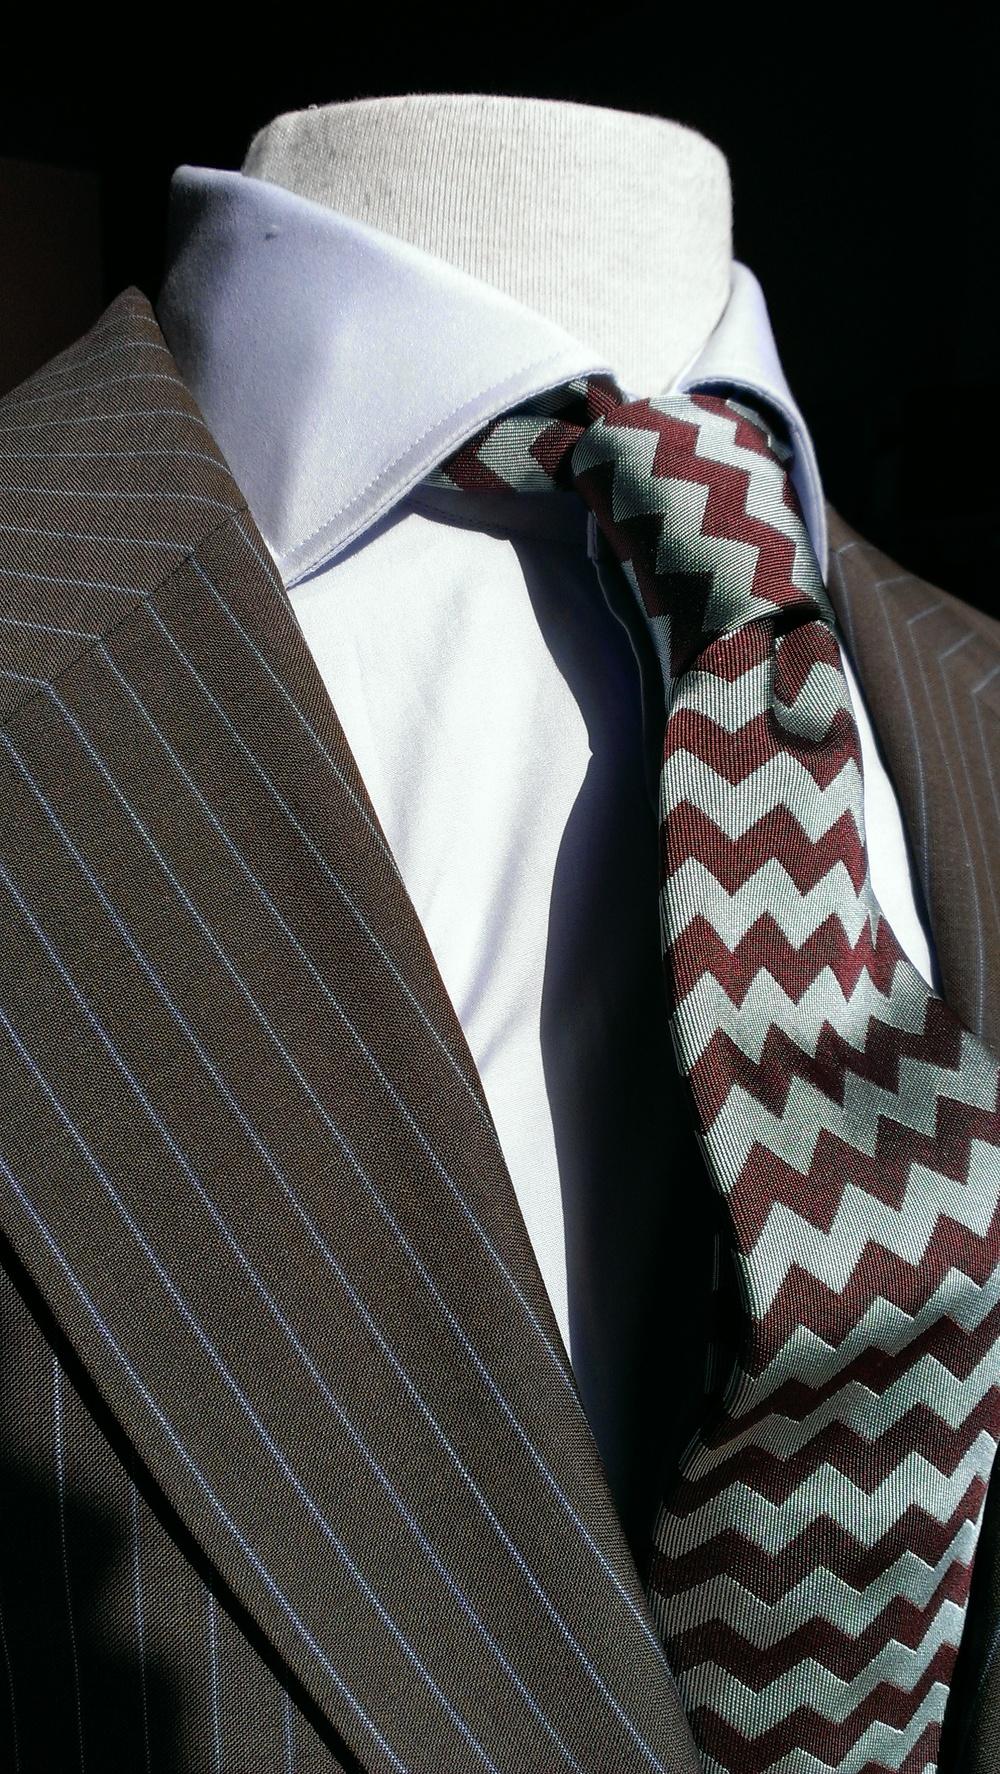 wool-mohair-brown-stripe-jacket-all-uk-made.jpg